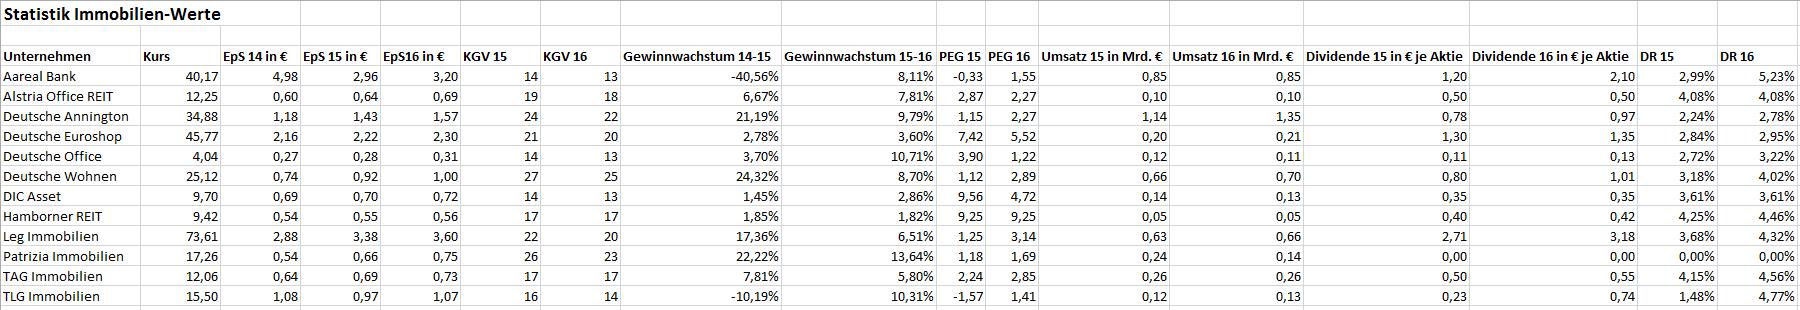 IMMOBILIENWERTE-im-Check-Wo-lohnt-sich-noch-ein-Blick-Chartanalyse-Bastian-Galuschka-GodmodeTrader.de-4